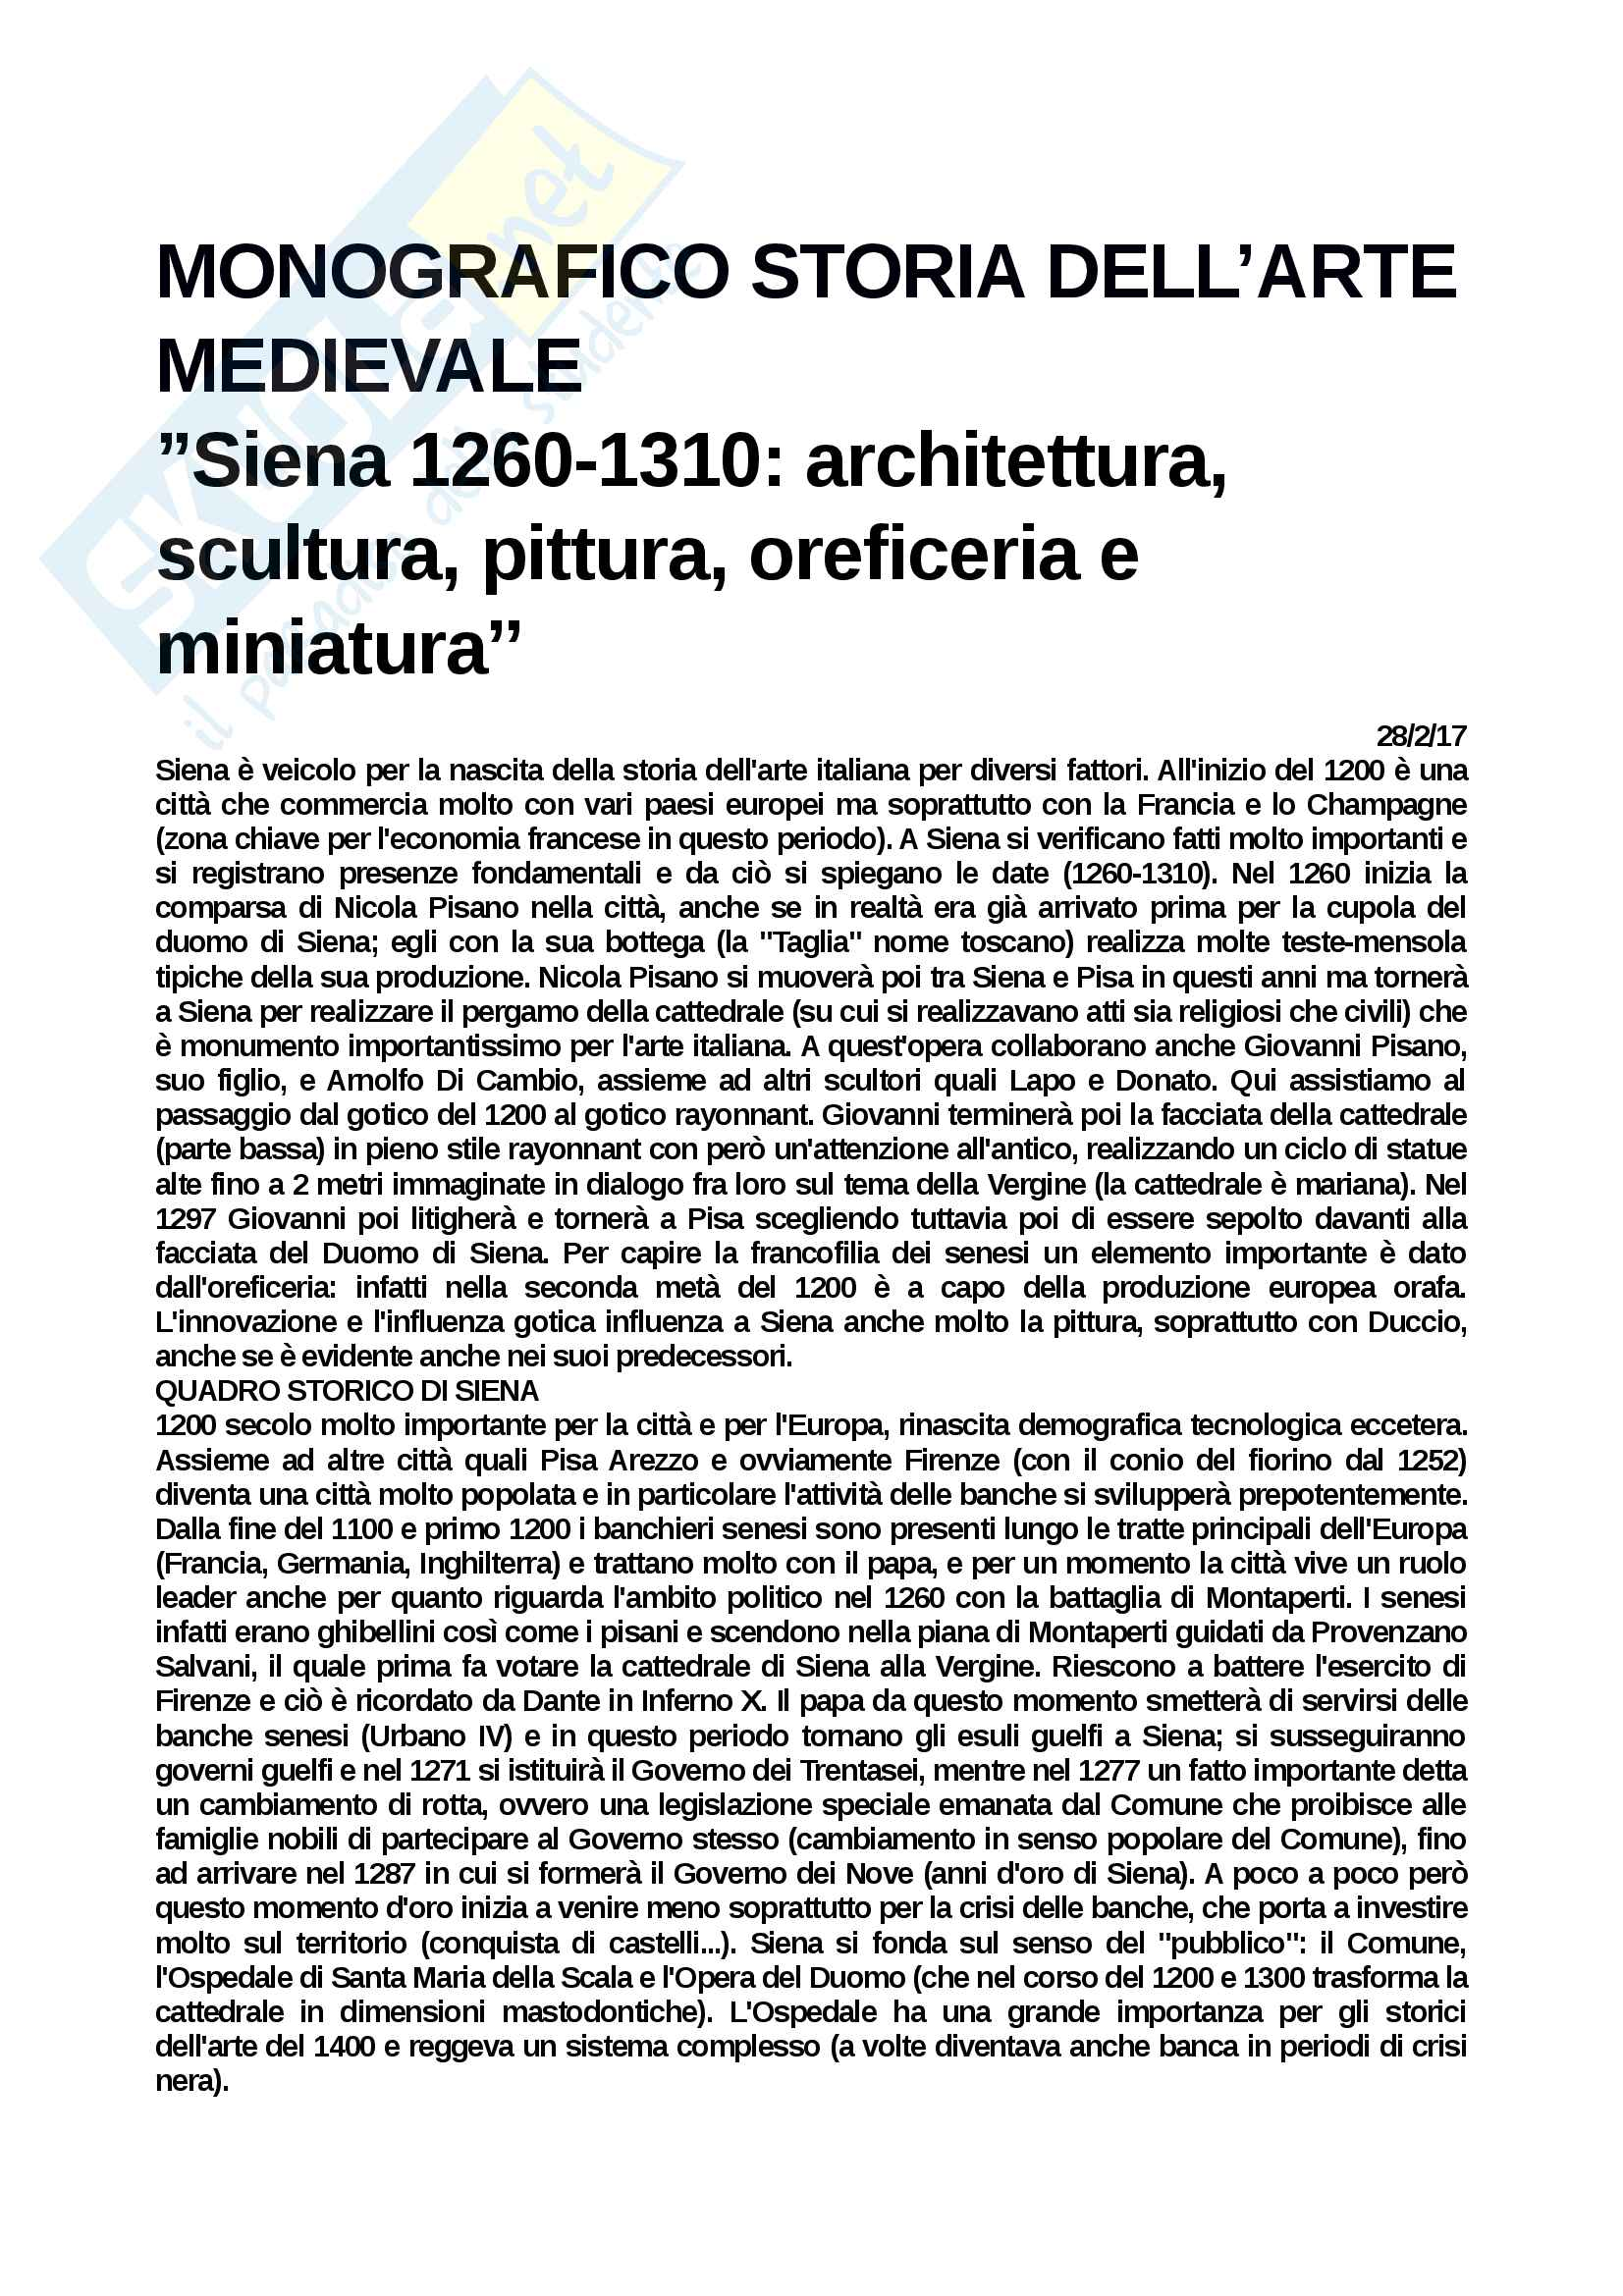 Riassunto esame Arte Medievale, prof. Buganza-Rossi, appunti personali Monografico Gotico a Siena